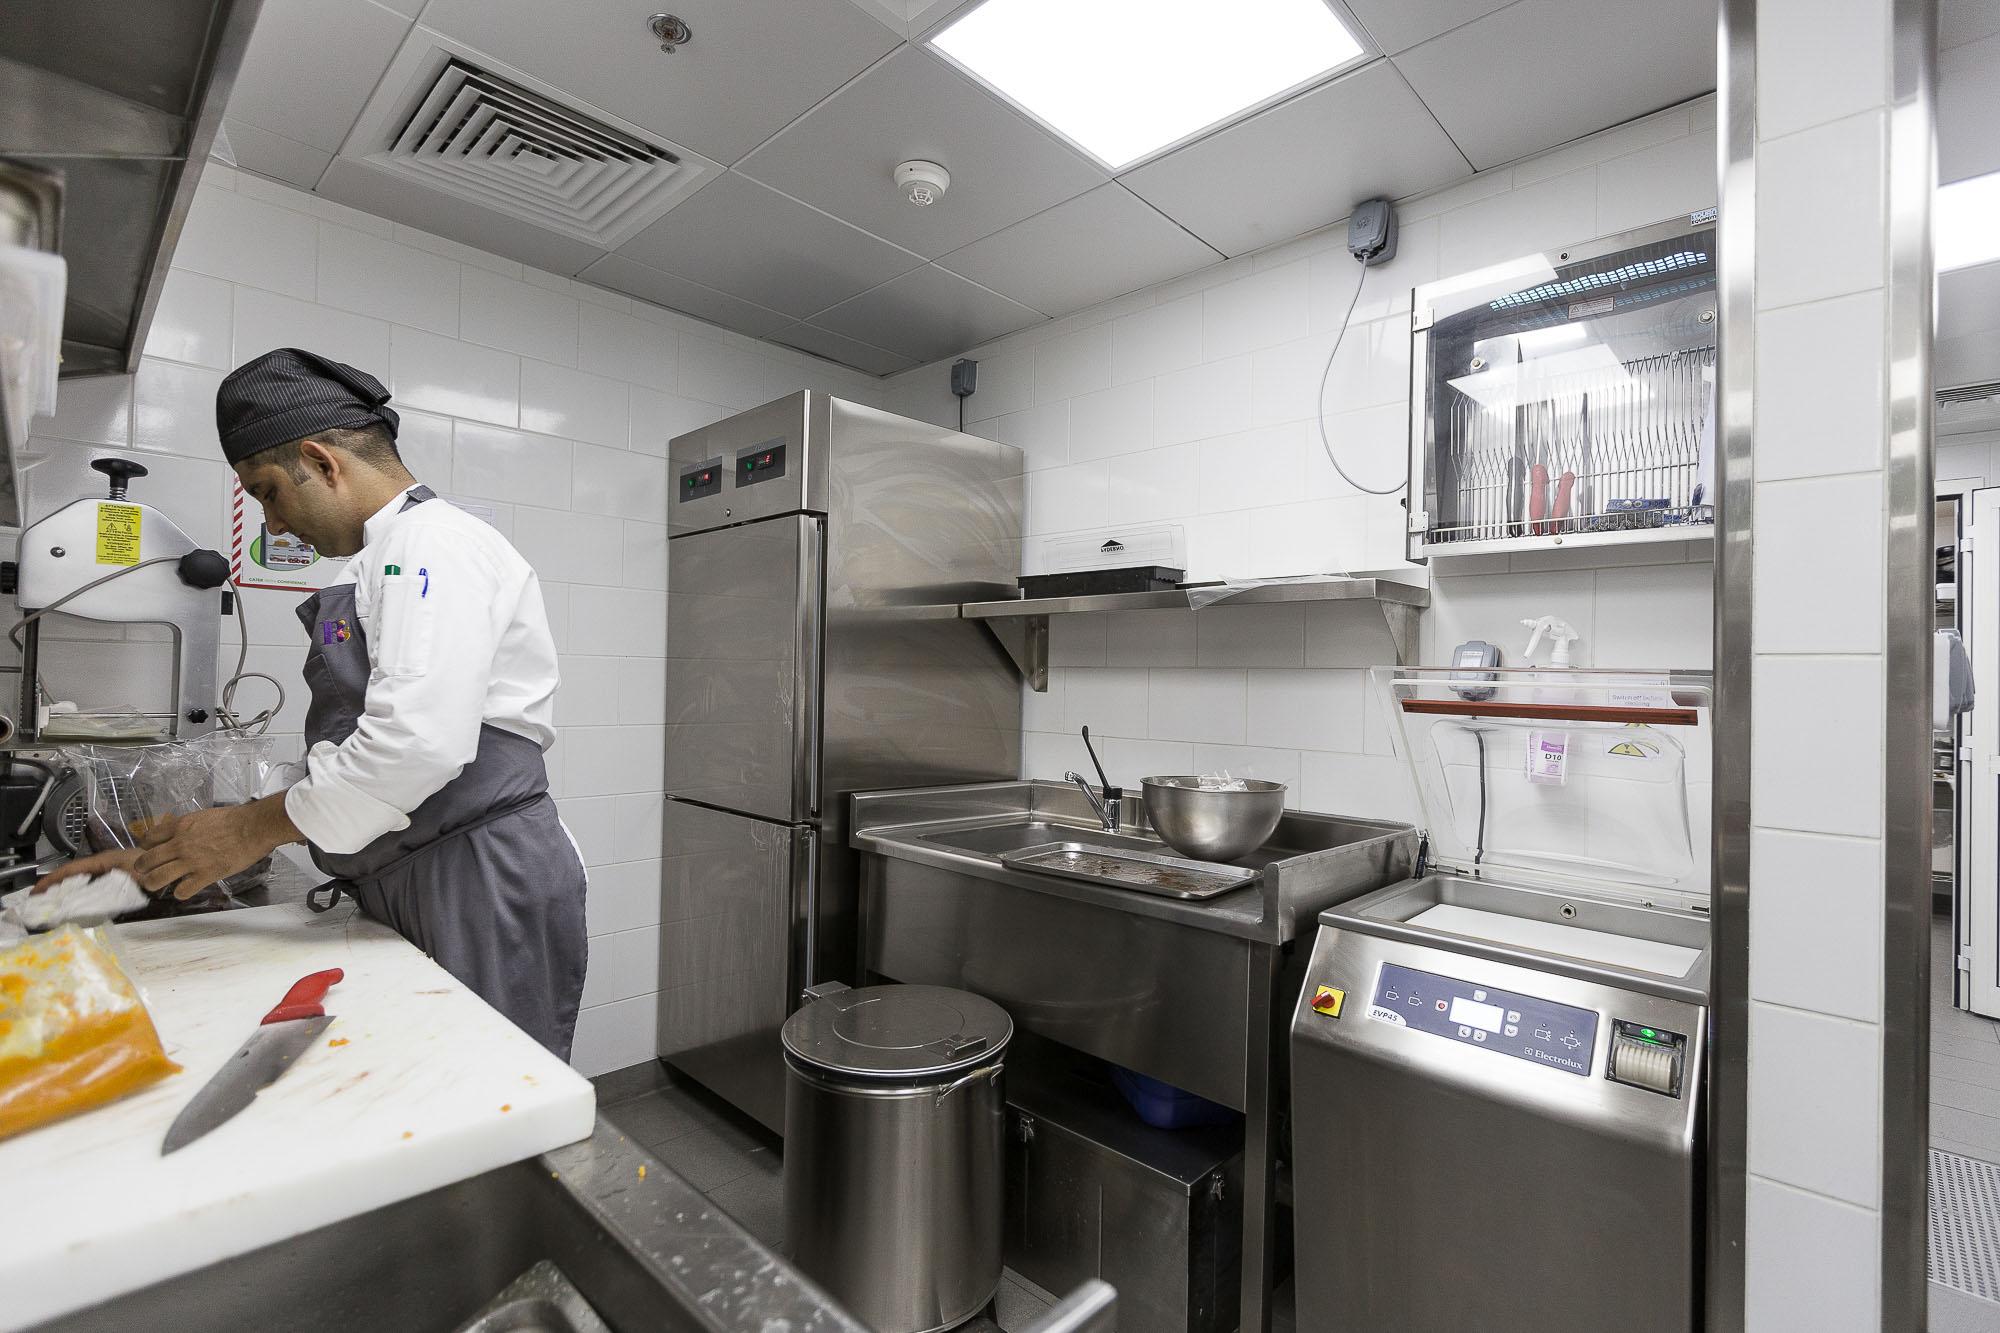 italia_kitchen_robertos_abu_dhabi_27